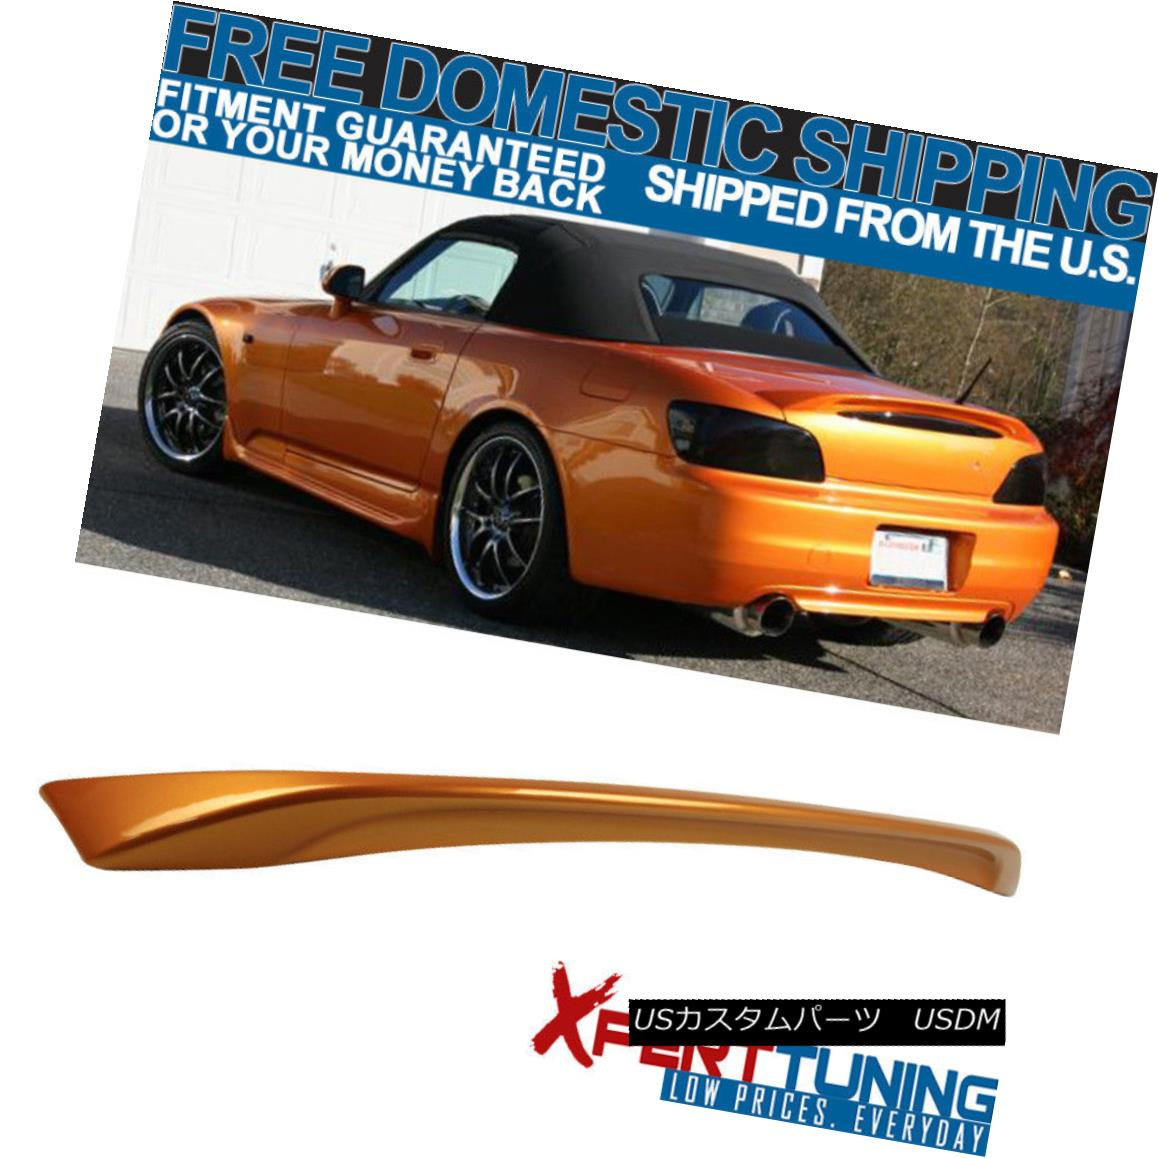 エアロパーツ 05-07 S2000 AP2 ABS Trunk Spoiler Painted Imola Orange Pearl # YR536P - ABS 05-07 S2000 AP2 ABSトランク・スポイラー・イモラ・オレンジ・パール#YR536P - ABS